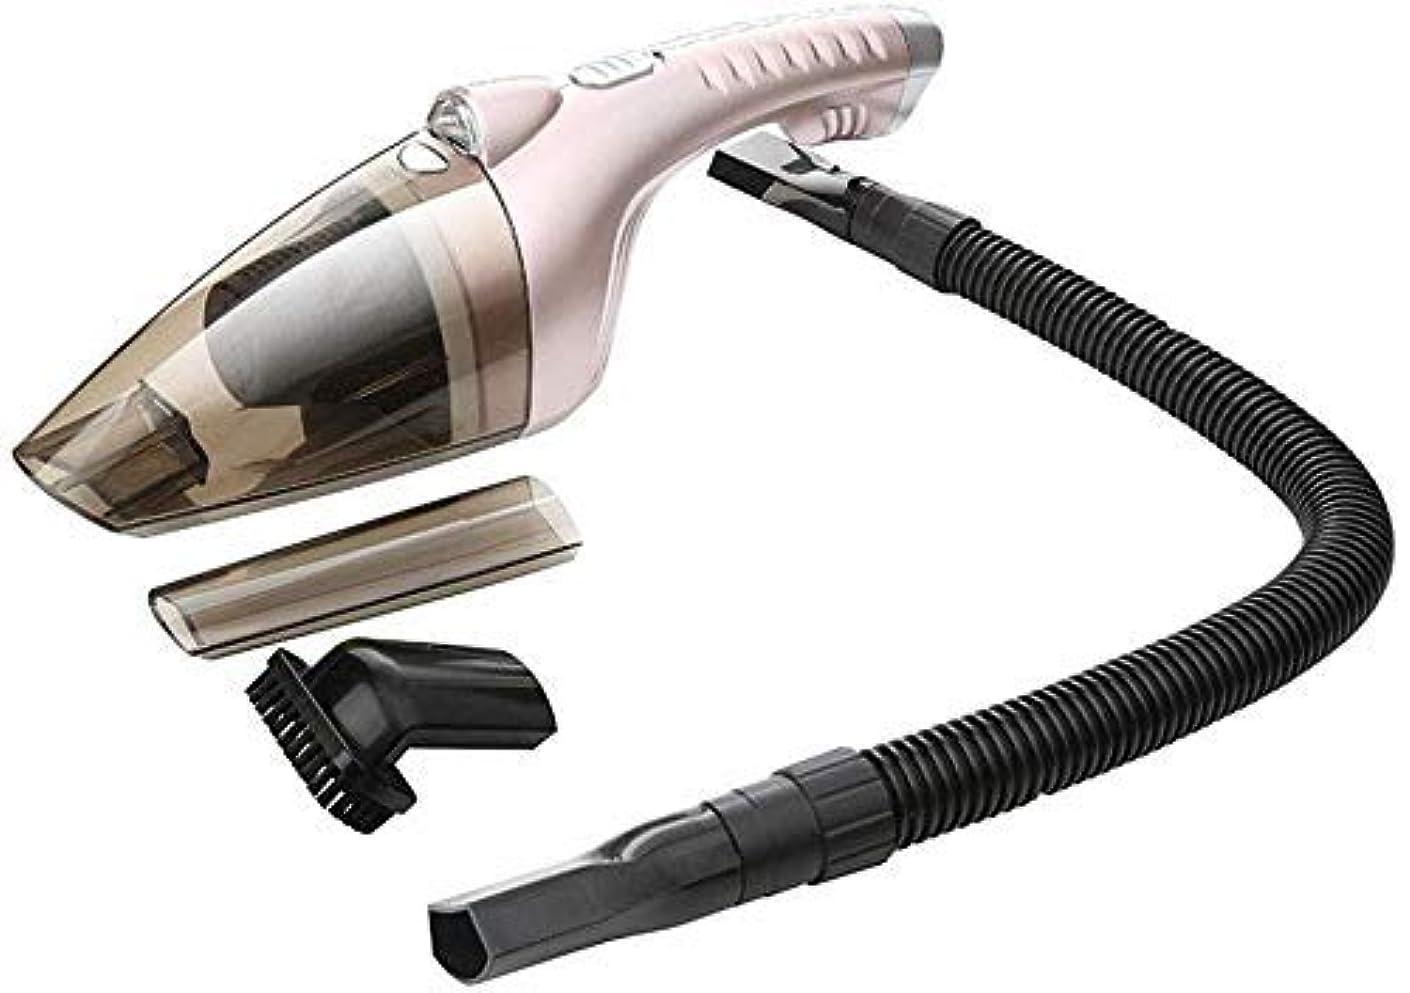 オークランドノミネート矩形ZJN-JN 掃除機 車/家/オフィス用 低ノイズの家庭の掃除機車の掃除機高性能HEPAフィルター掃除機ドライとウェットの掃除機(ローズゴールド) カーインテリアケア